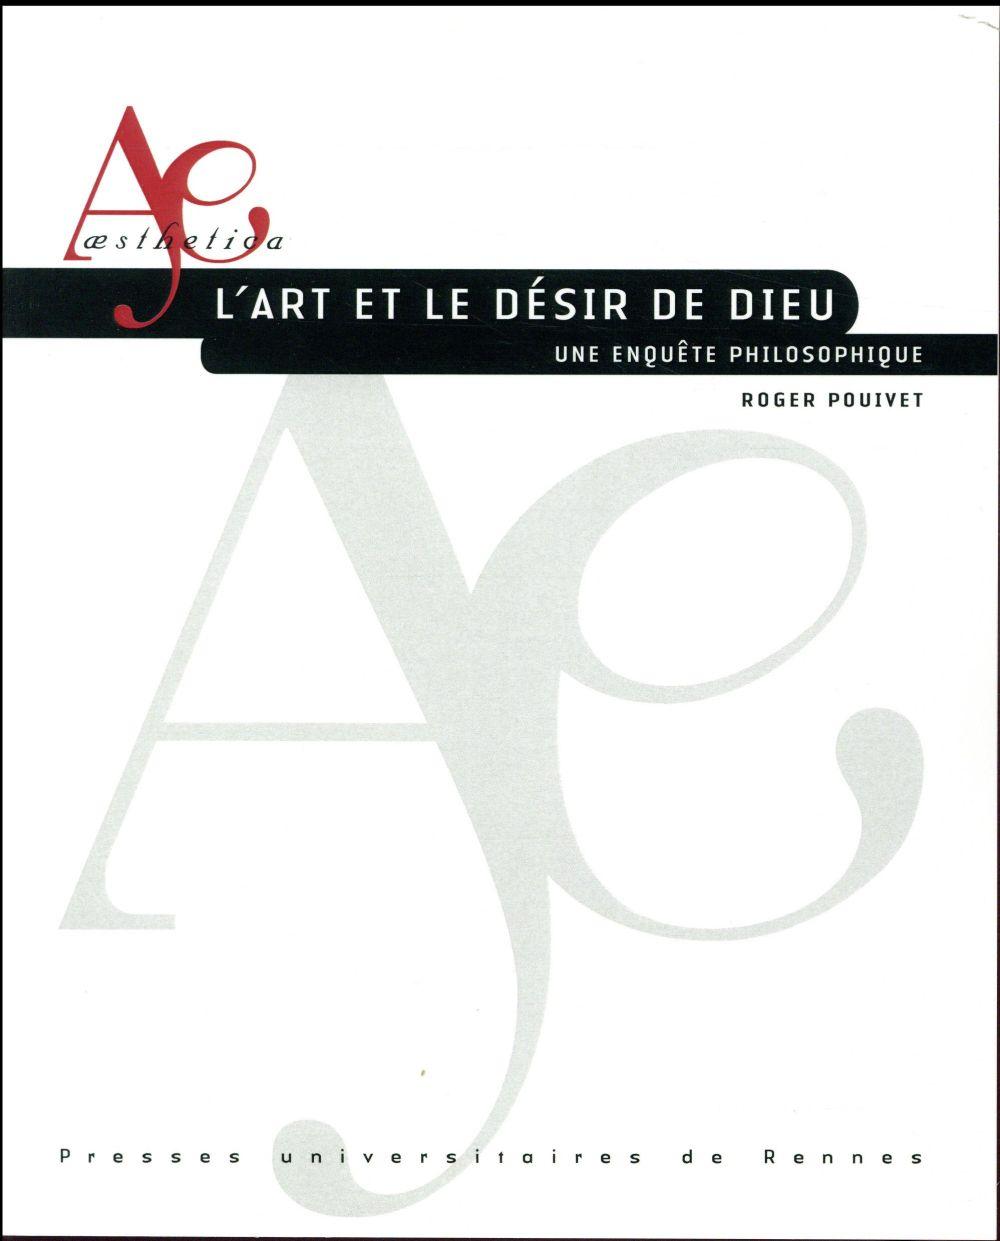 L ART ET LE DESIR DE DIEU